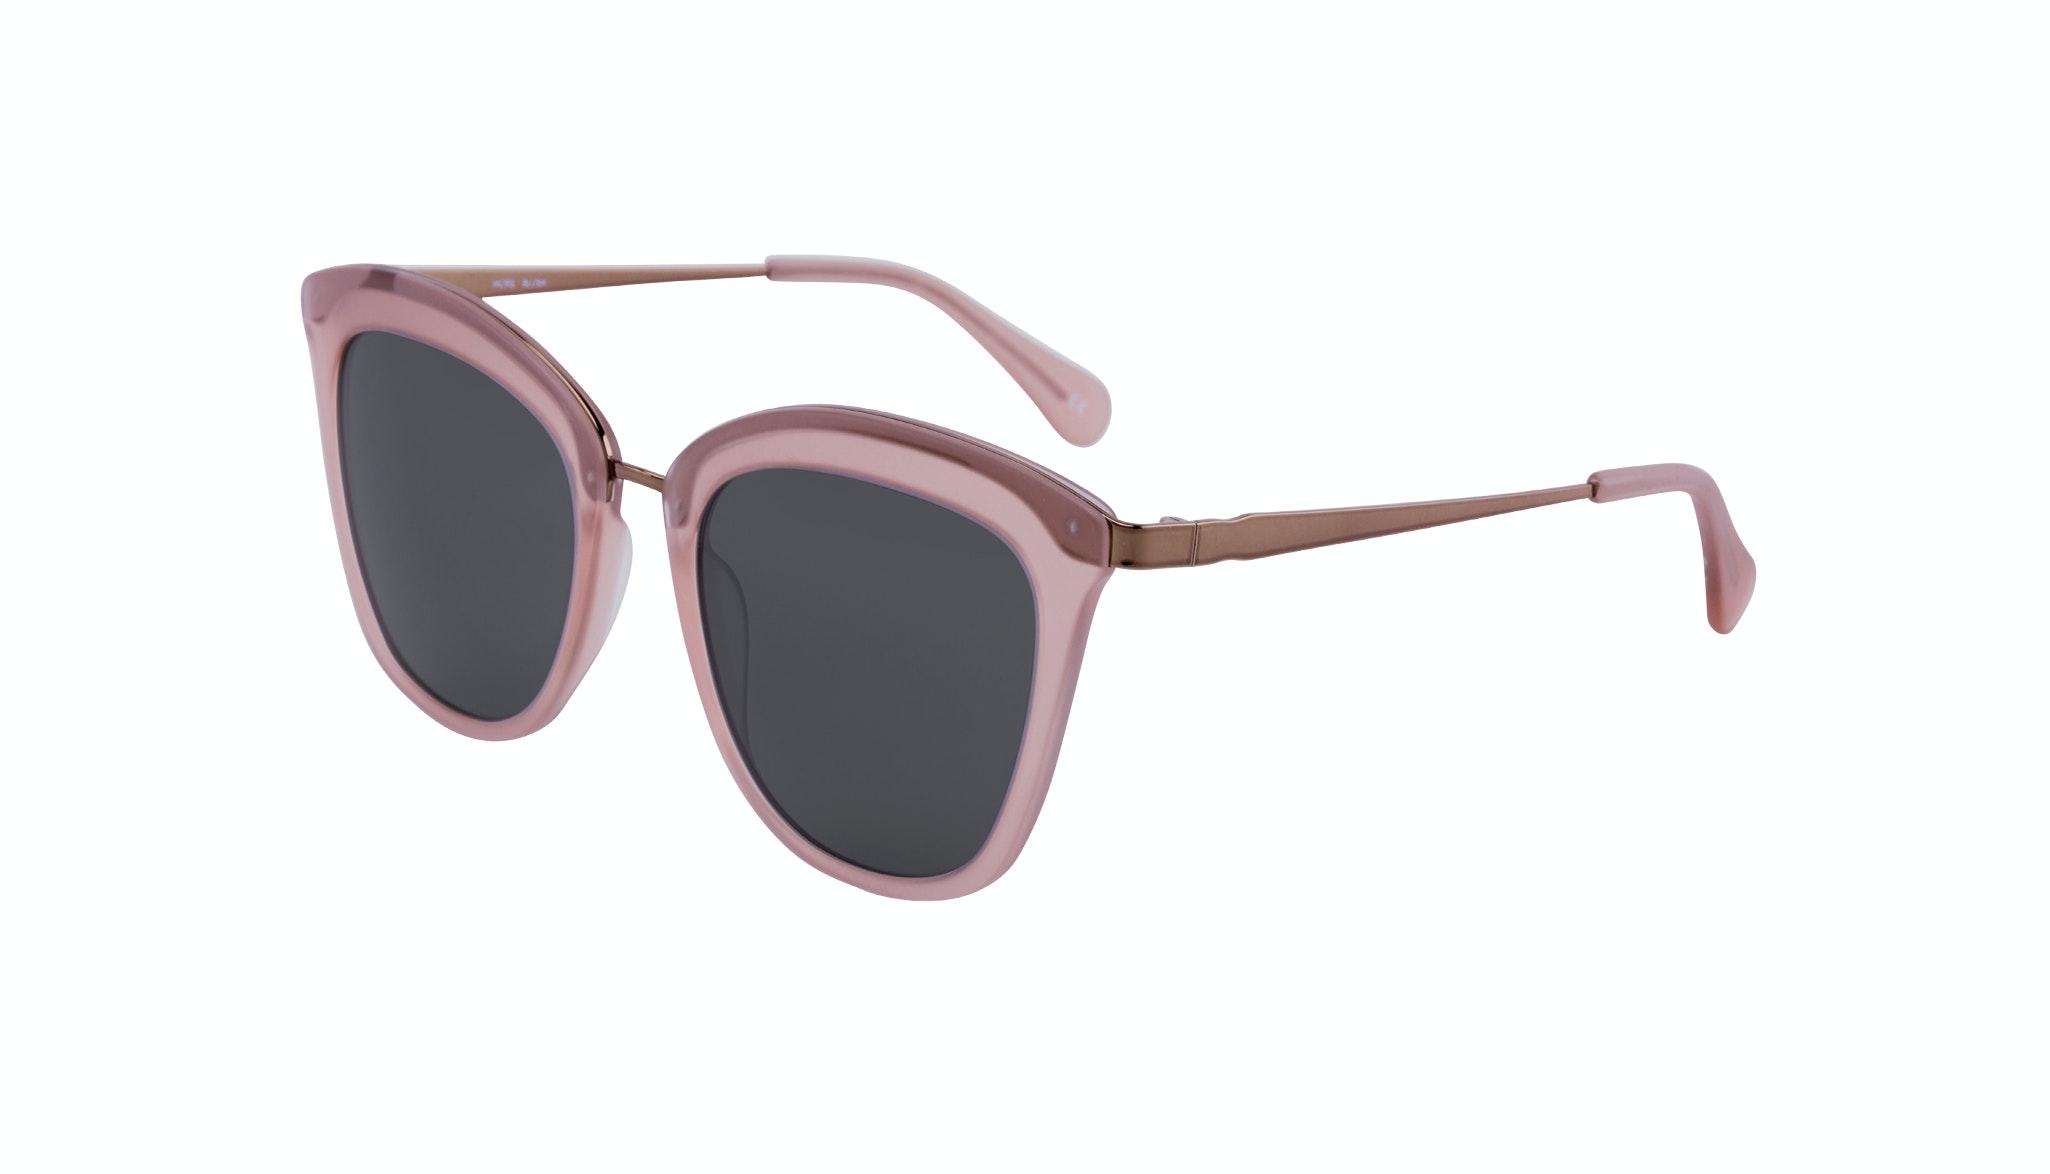 Affordable Fashion Glasses Rectangle Square Sunglasses Women More Blush Tilt